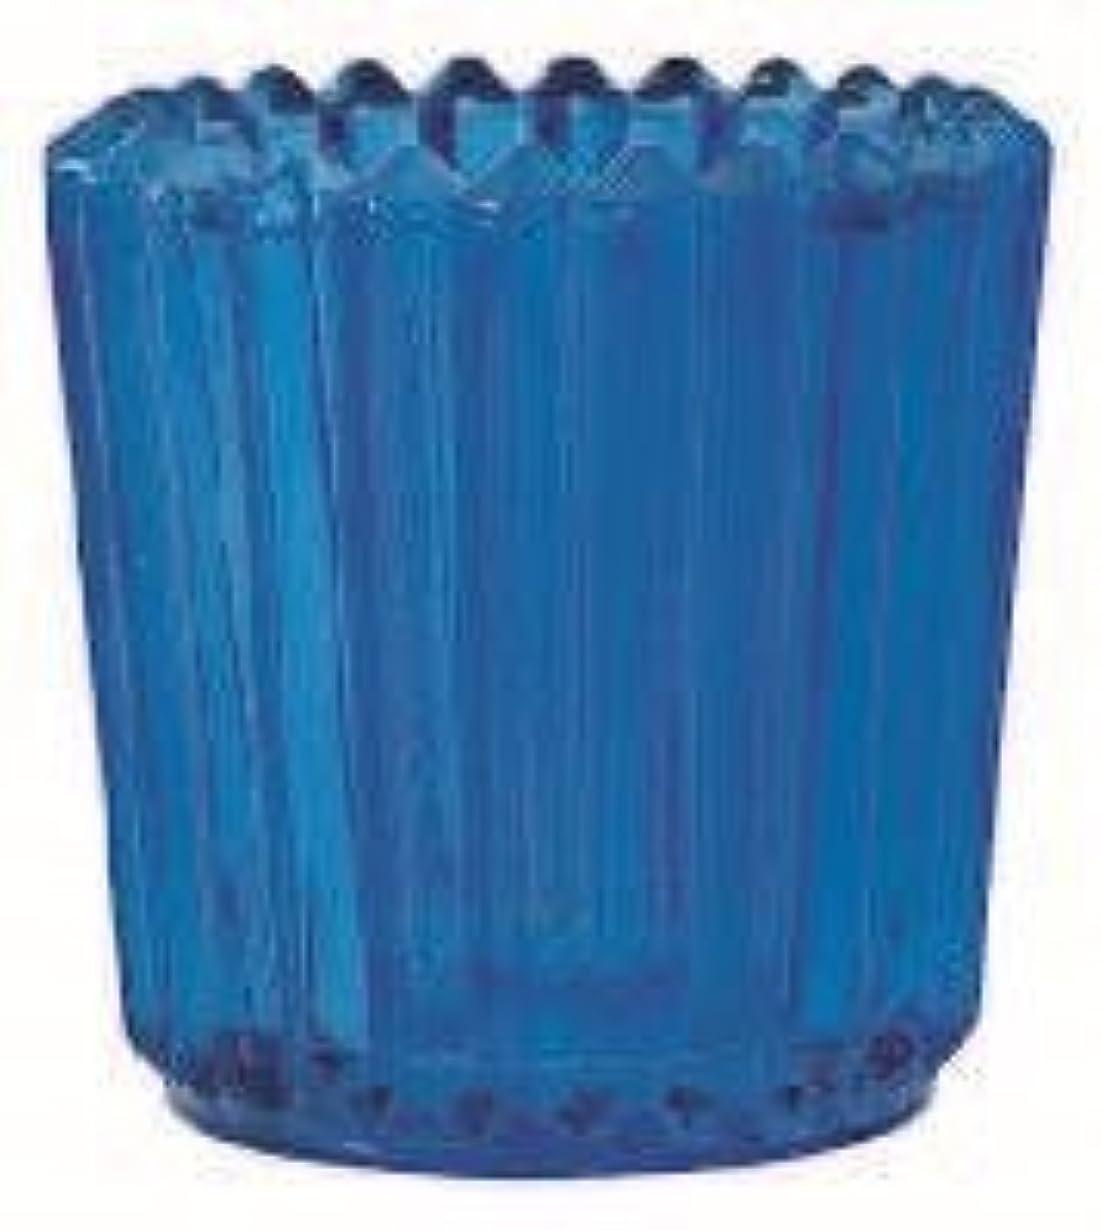 価値のないジェームズダイソンリサイクルするカメヤマキャンドル( kameyama candle ) ソレイユ 「 ブルー 」